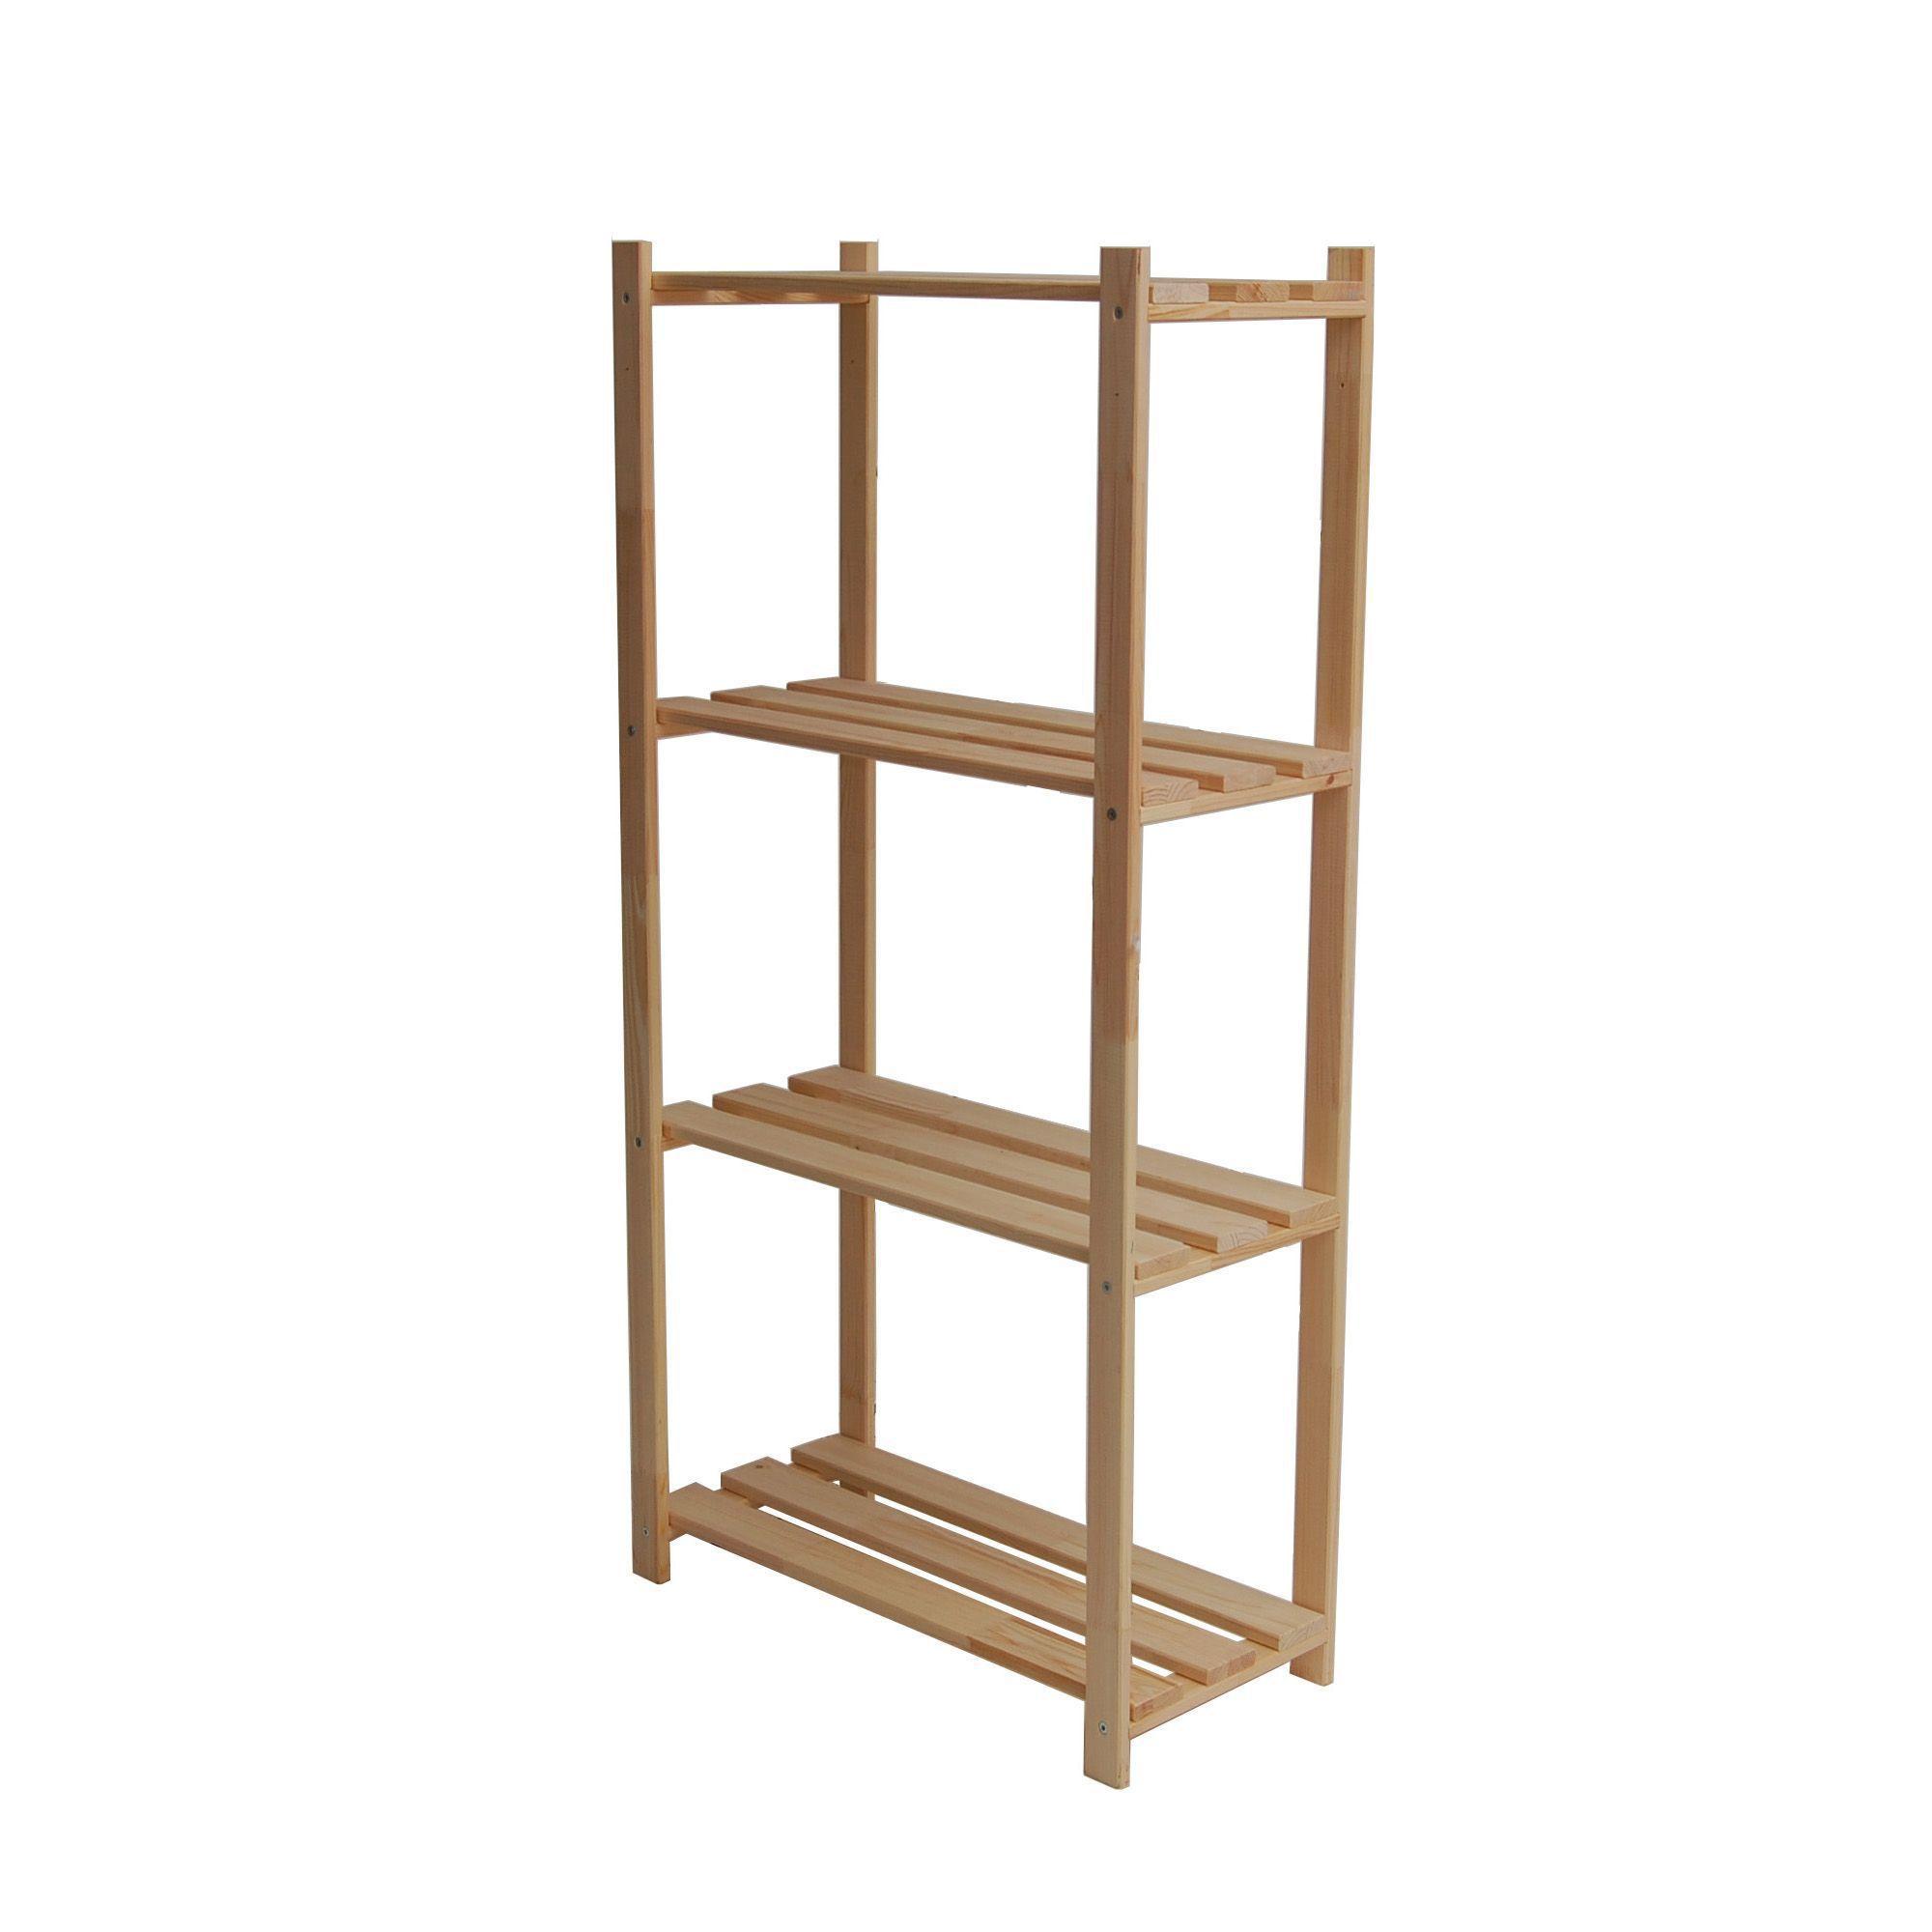 4 Shelf Wood Shelving Unit H 1300mm W 650mm Departments Diy At B Q